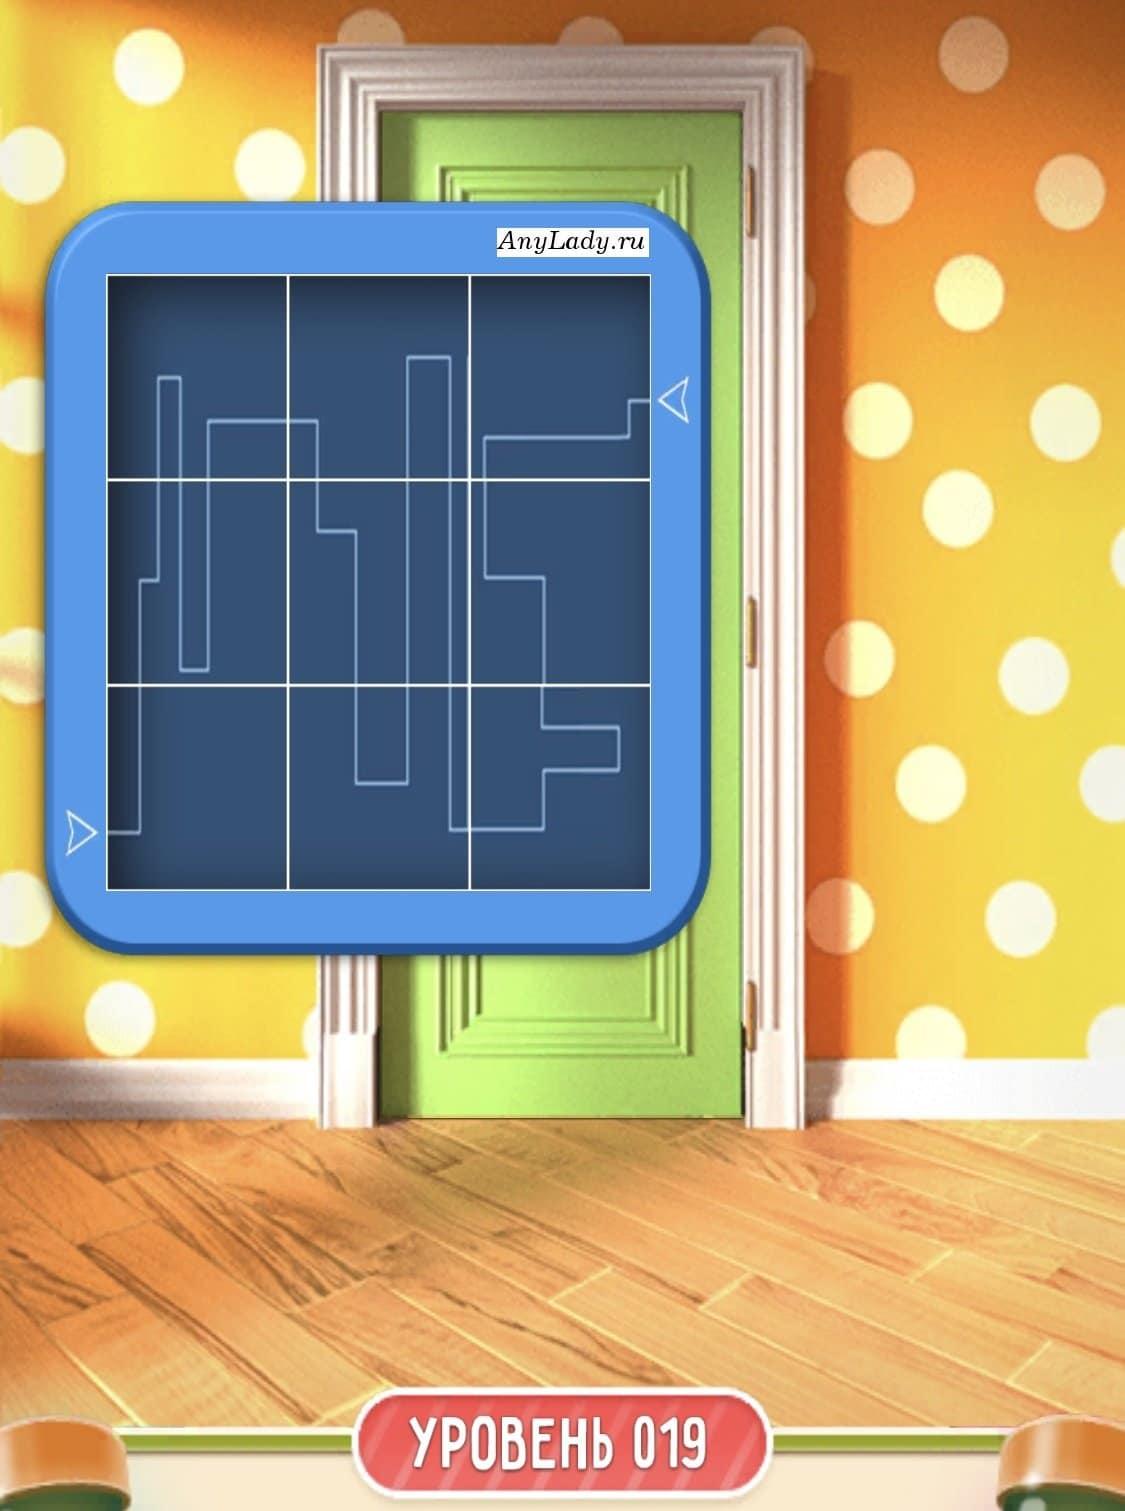 Переворачивайте картинки, чтобы собрать единую схему. Ответ на данное задание на картинке.